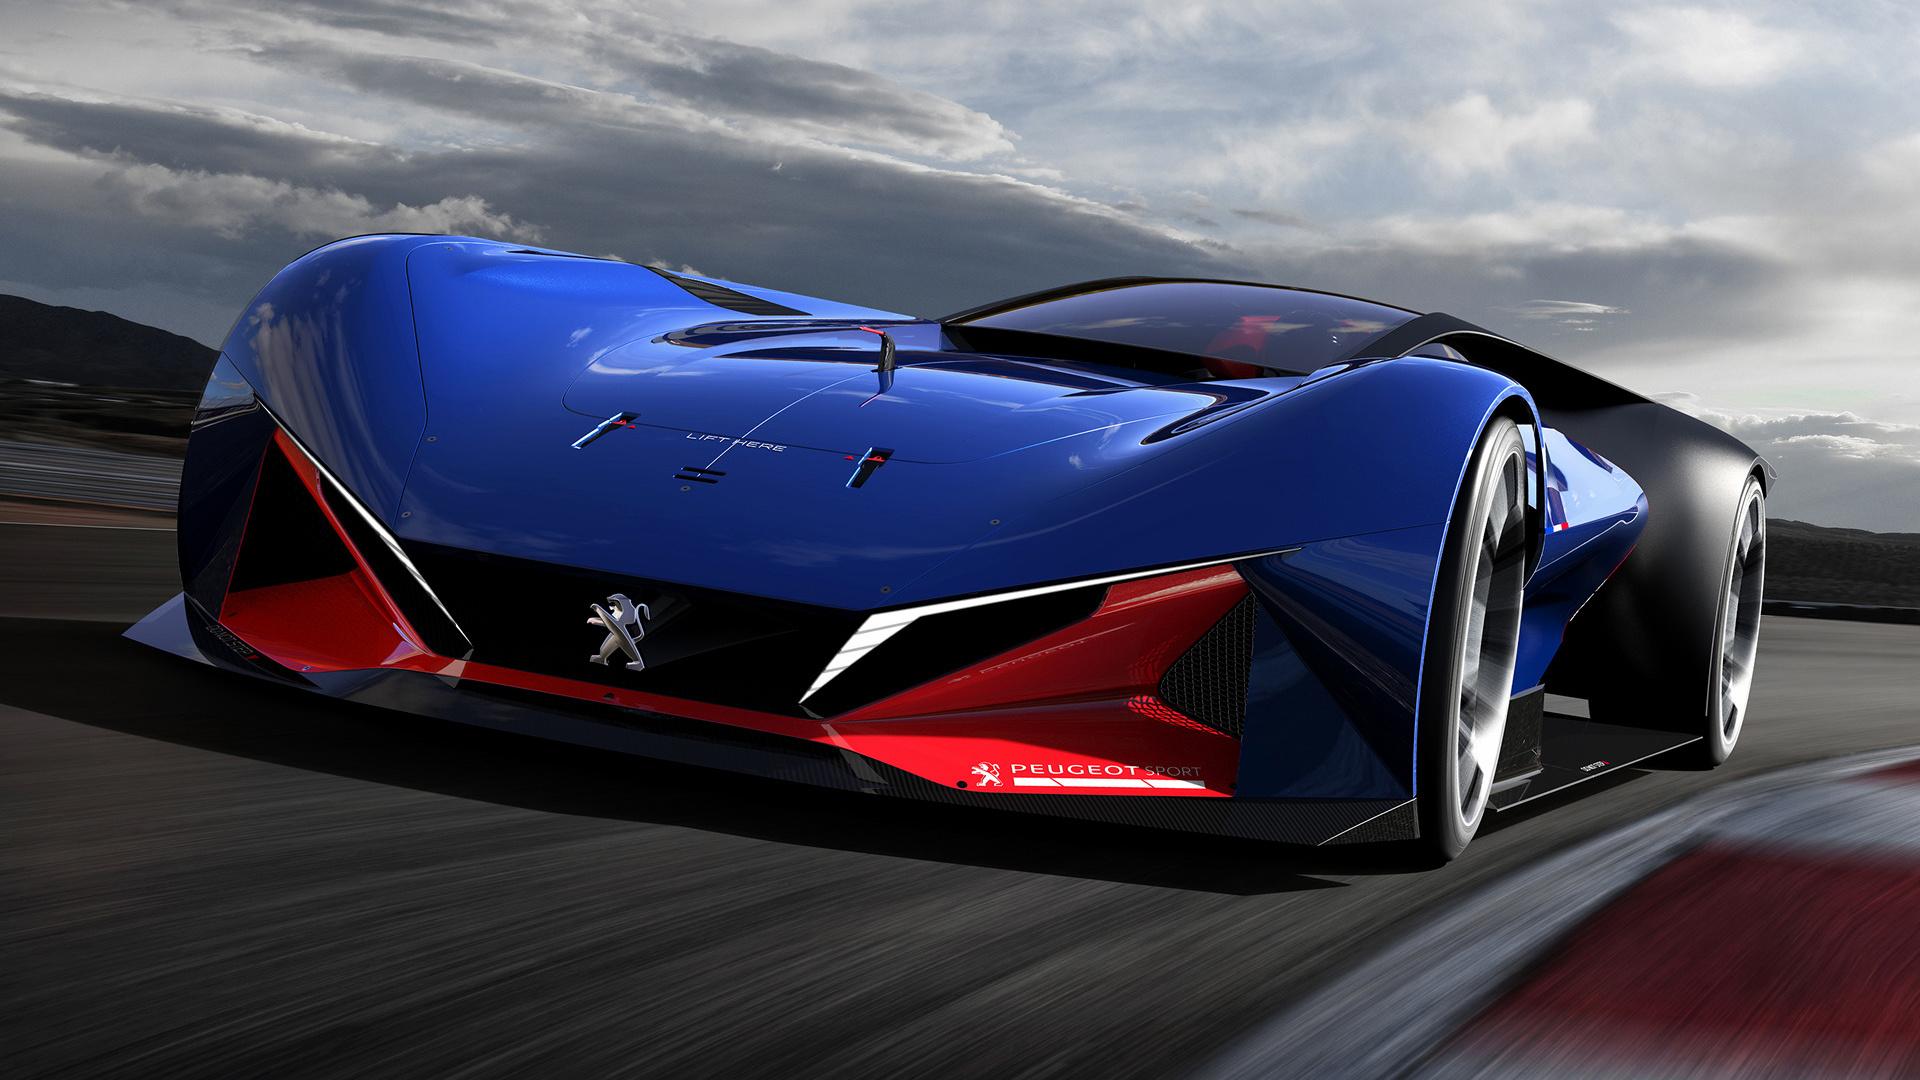 2016 Peugeot L500 R HYbrid Concept